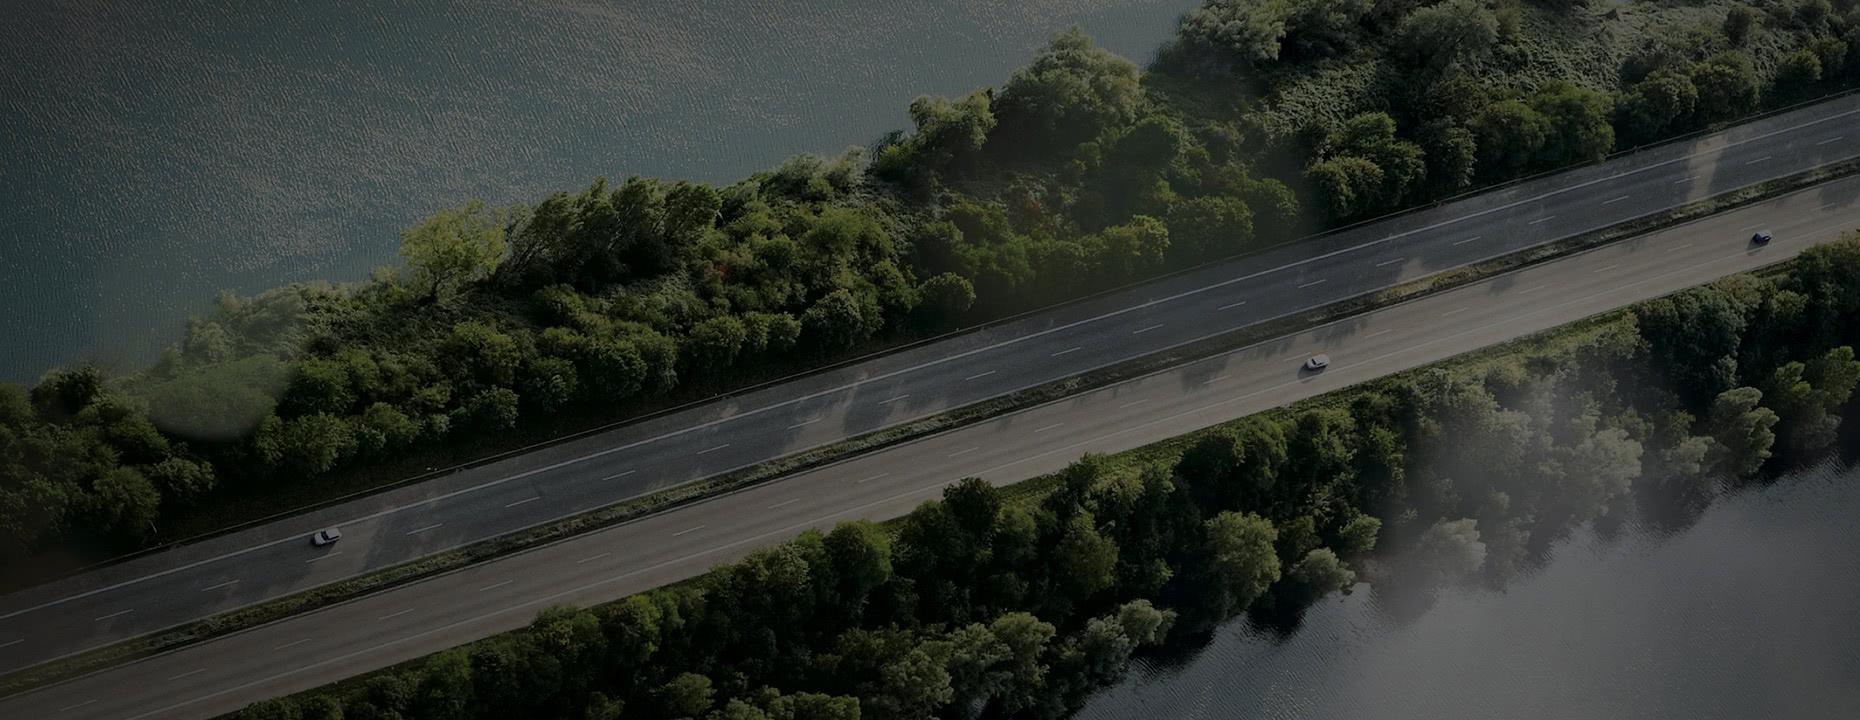 Hyundai Motorsport підписала контракт із Себастьяном Льобом | Івано-Франківськ - фото 7